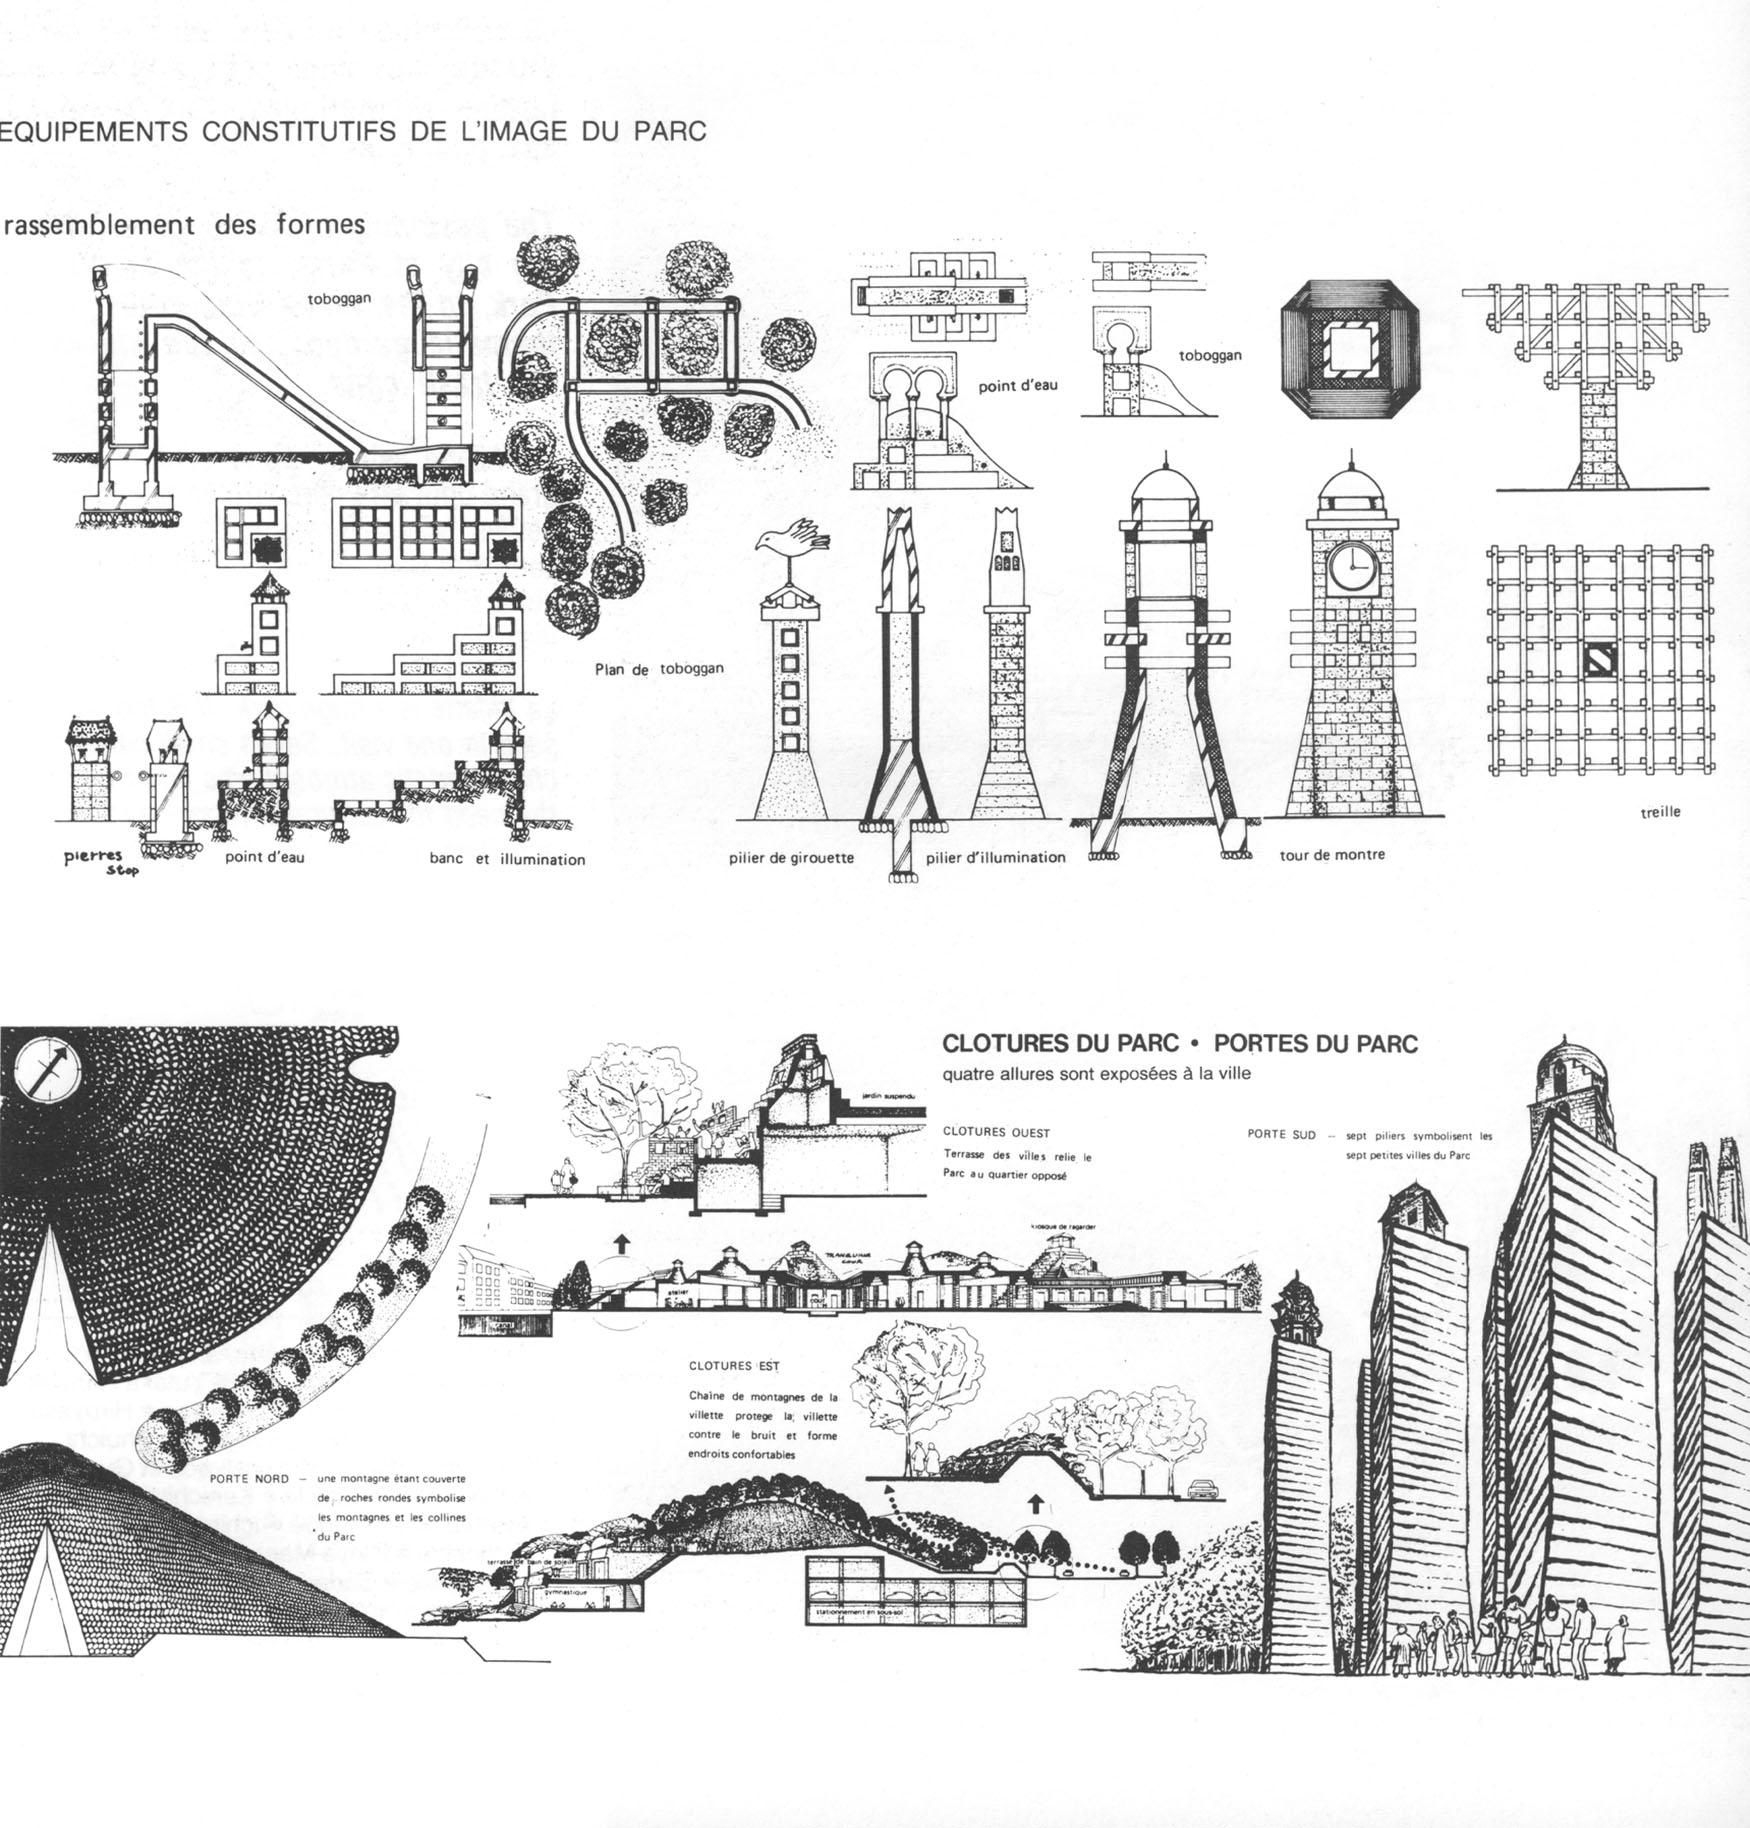 oma parc de la villette diagram pioneer deh 1850 wiring penccil paris